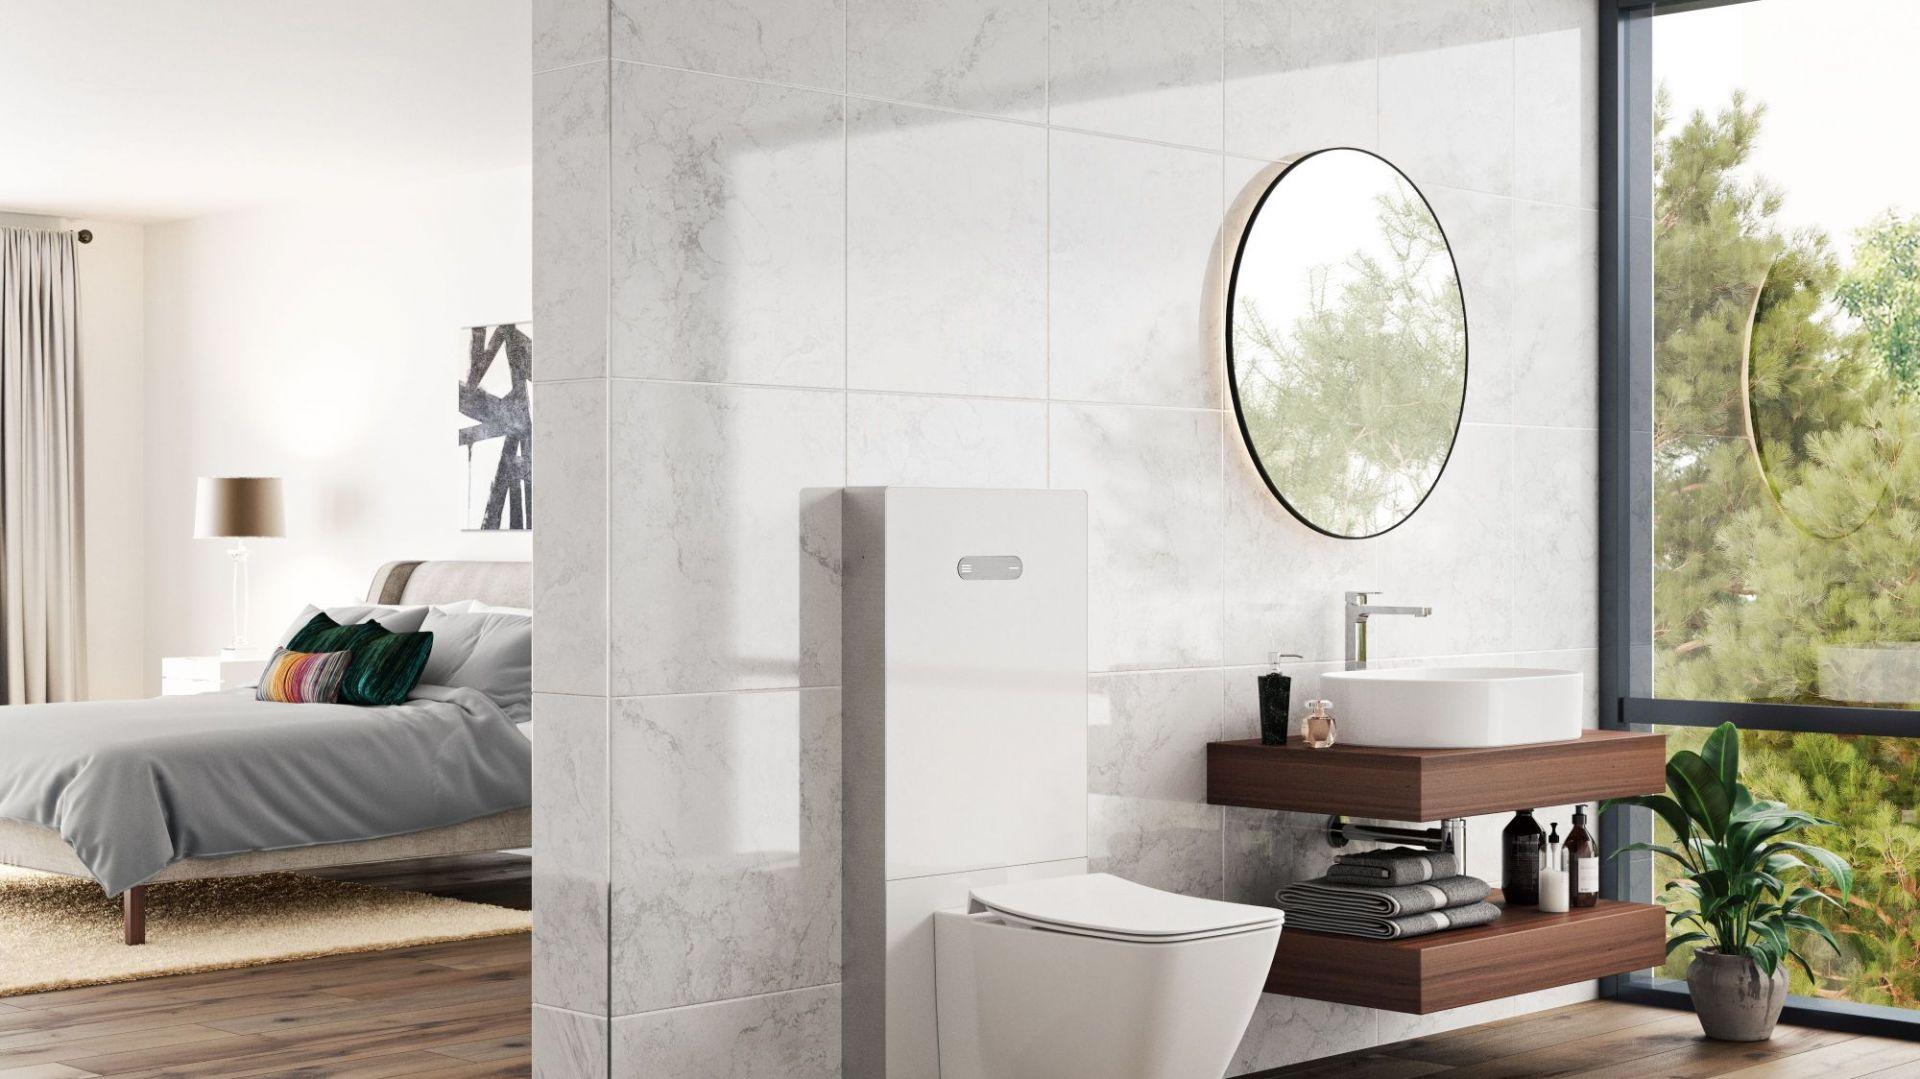 Szklany moduł sanitarny NeoX w kolorze białym. Fot. Ideal Standard